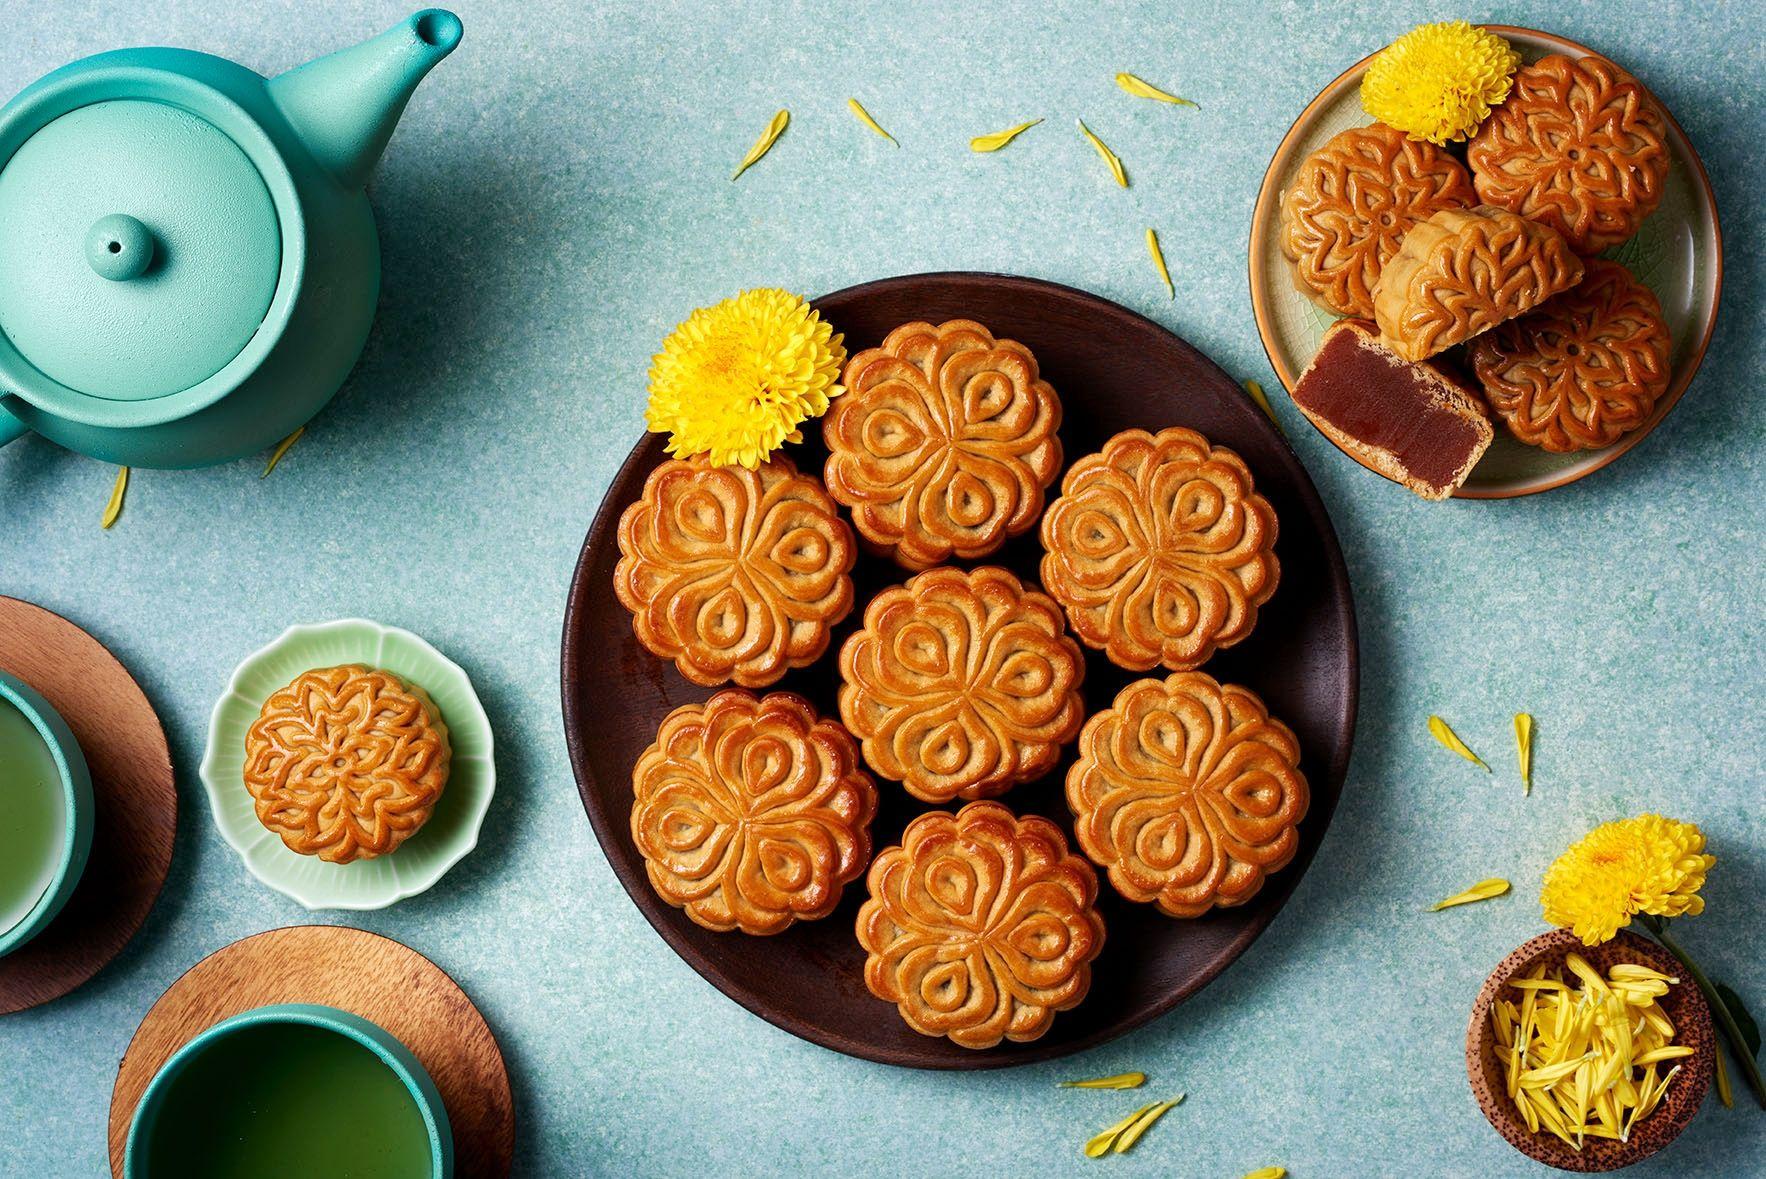 阿联酋航空中秋期间将免费供应月饼与中国消费者同享团圆佳节